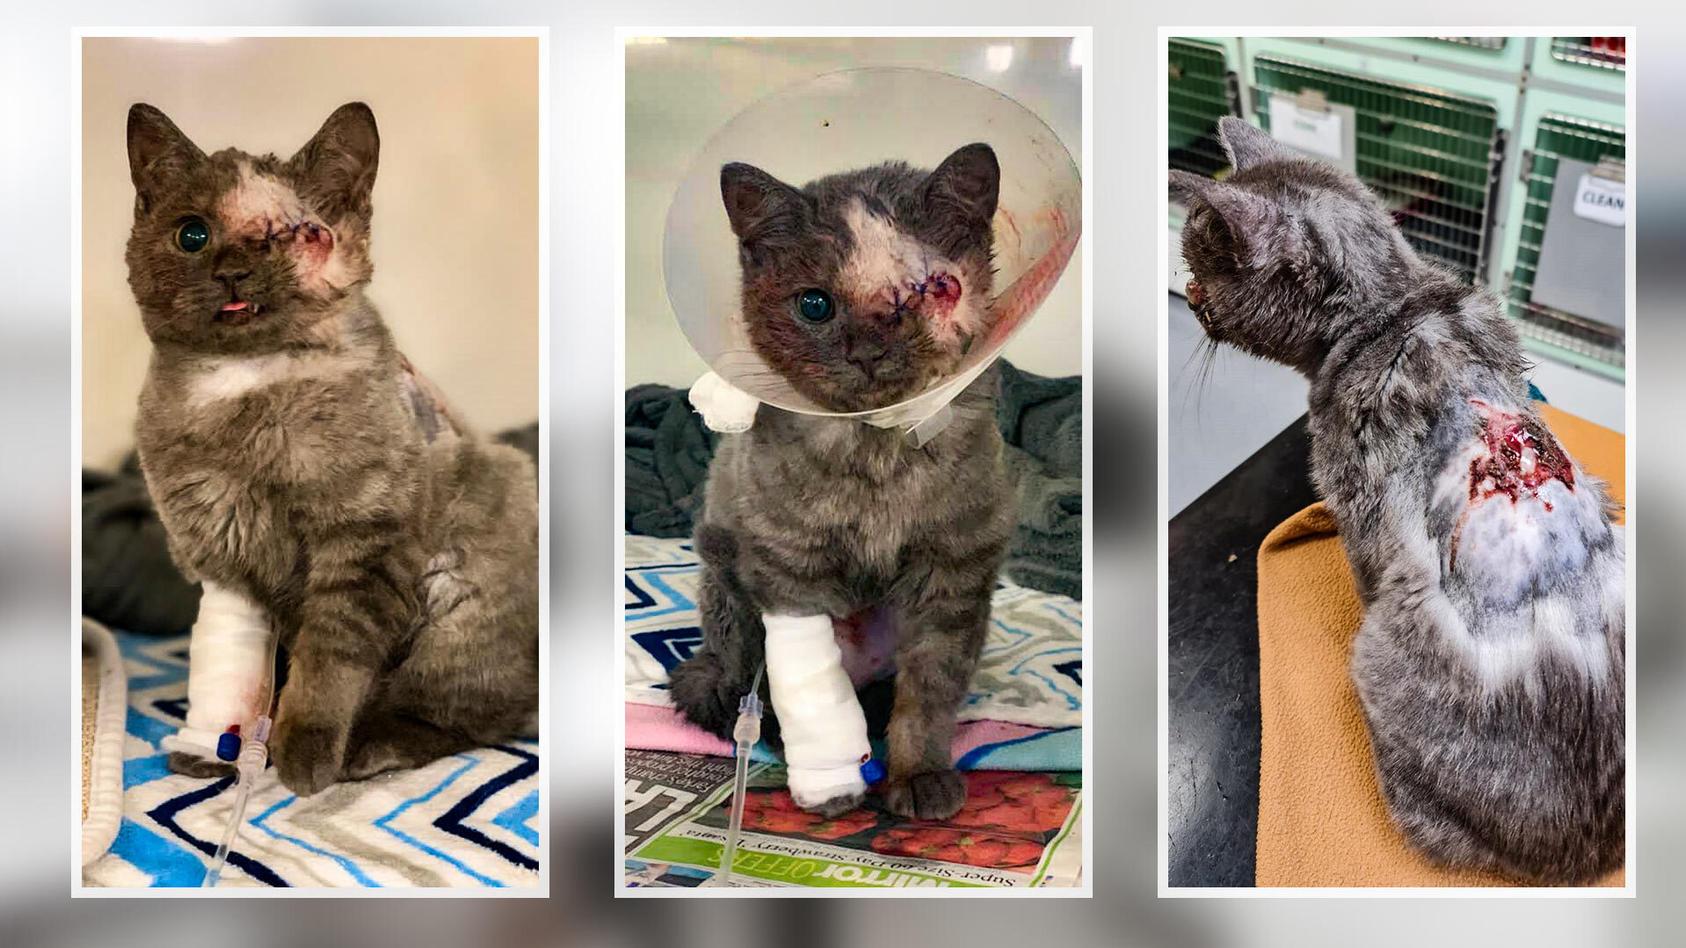 Eyela kam in einem extrem schlechten Zustand beim Tierarzt an